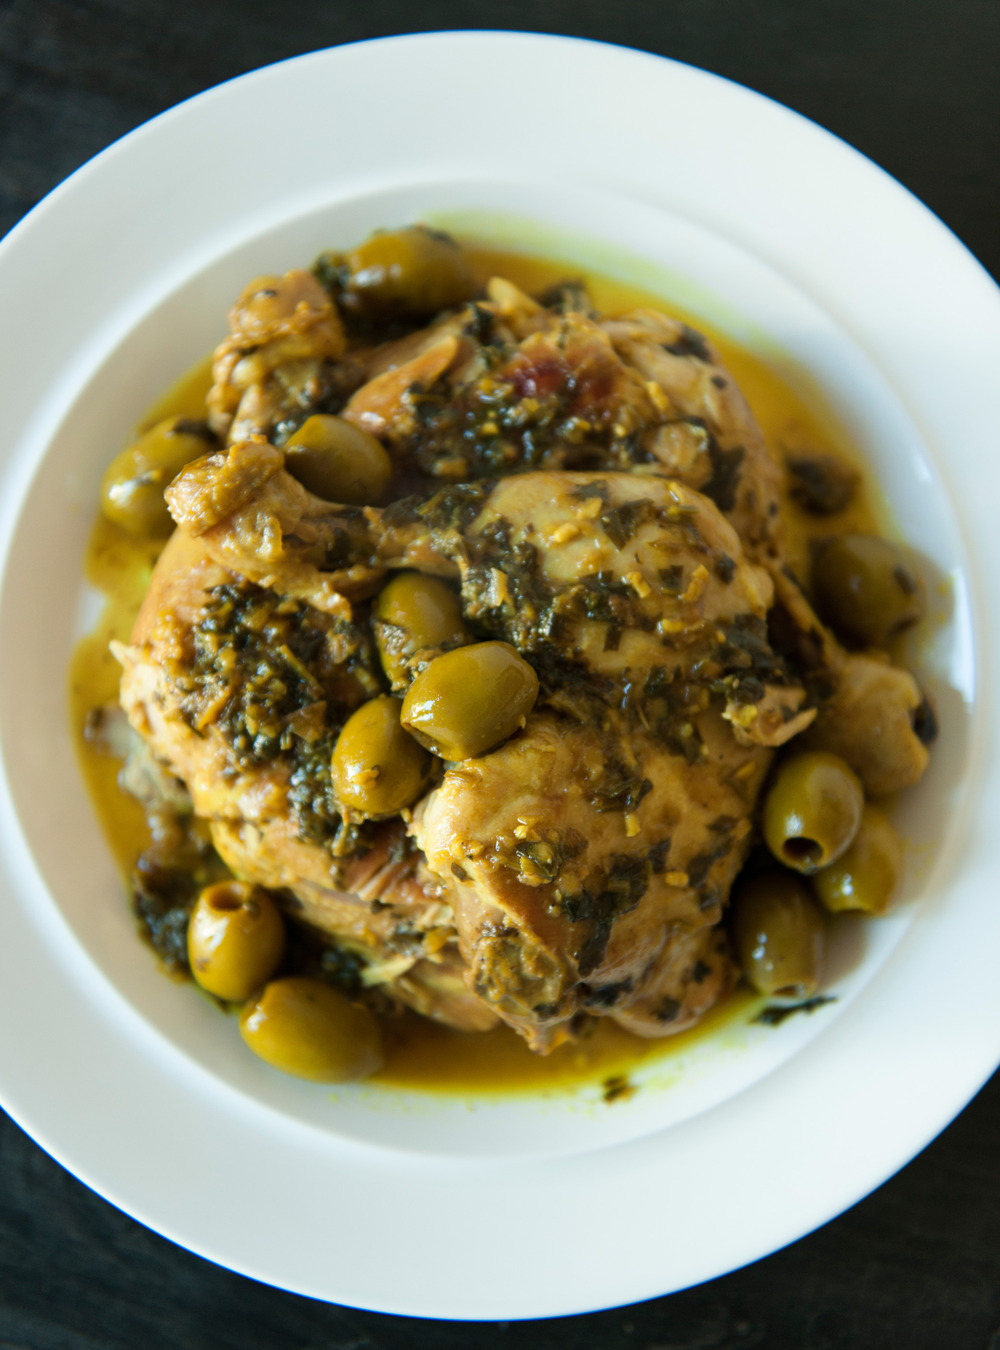 Poulet aux olives de dani le henkel ricardo for Article de cuisine ricardo